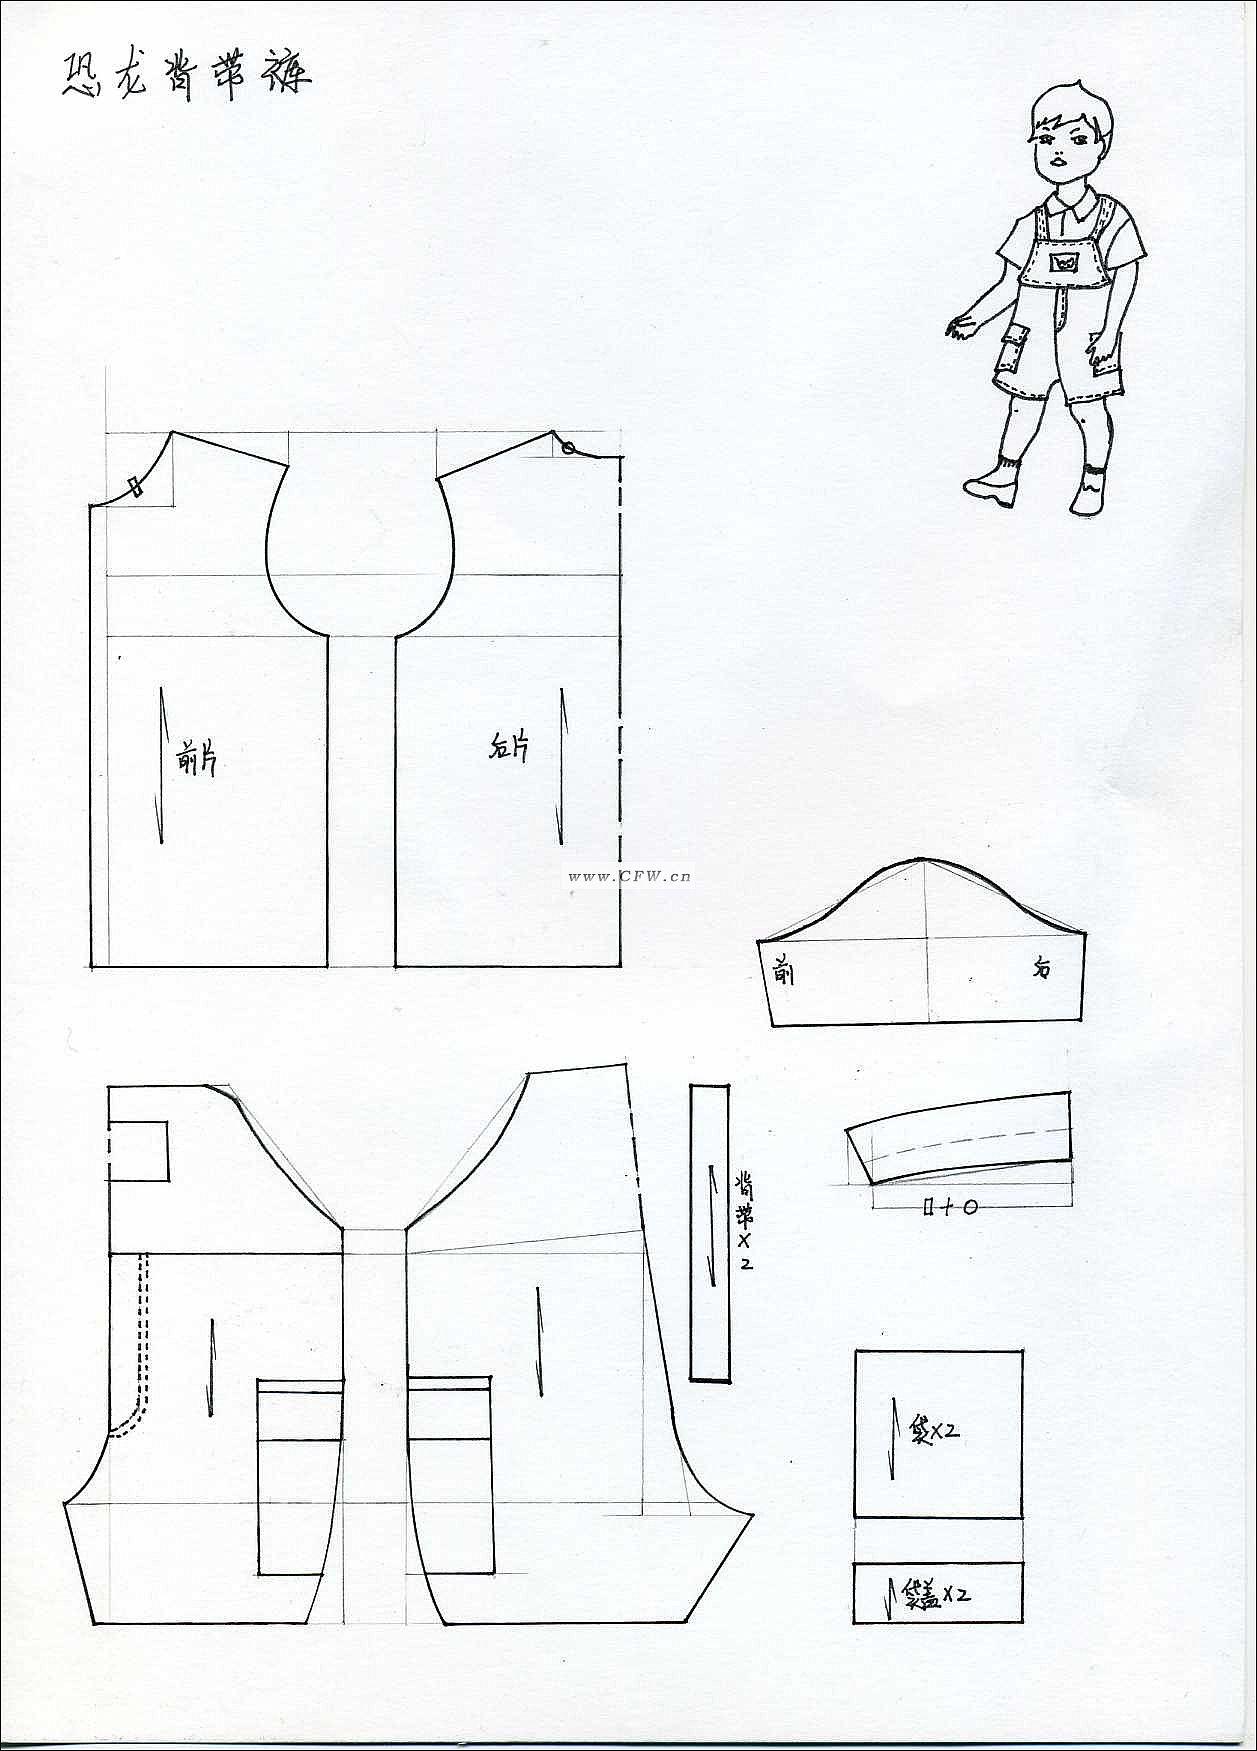 (1) 名称:结构图 归属:童装款式-休闲套装 分享: 格式:jpg 尺寸: 创意